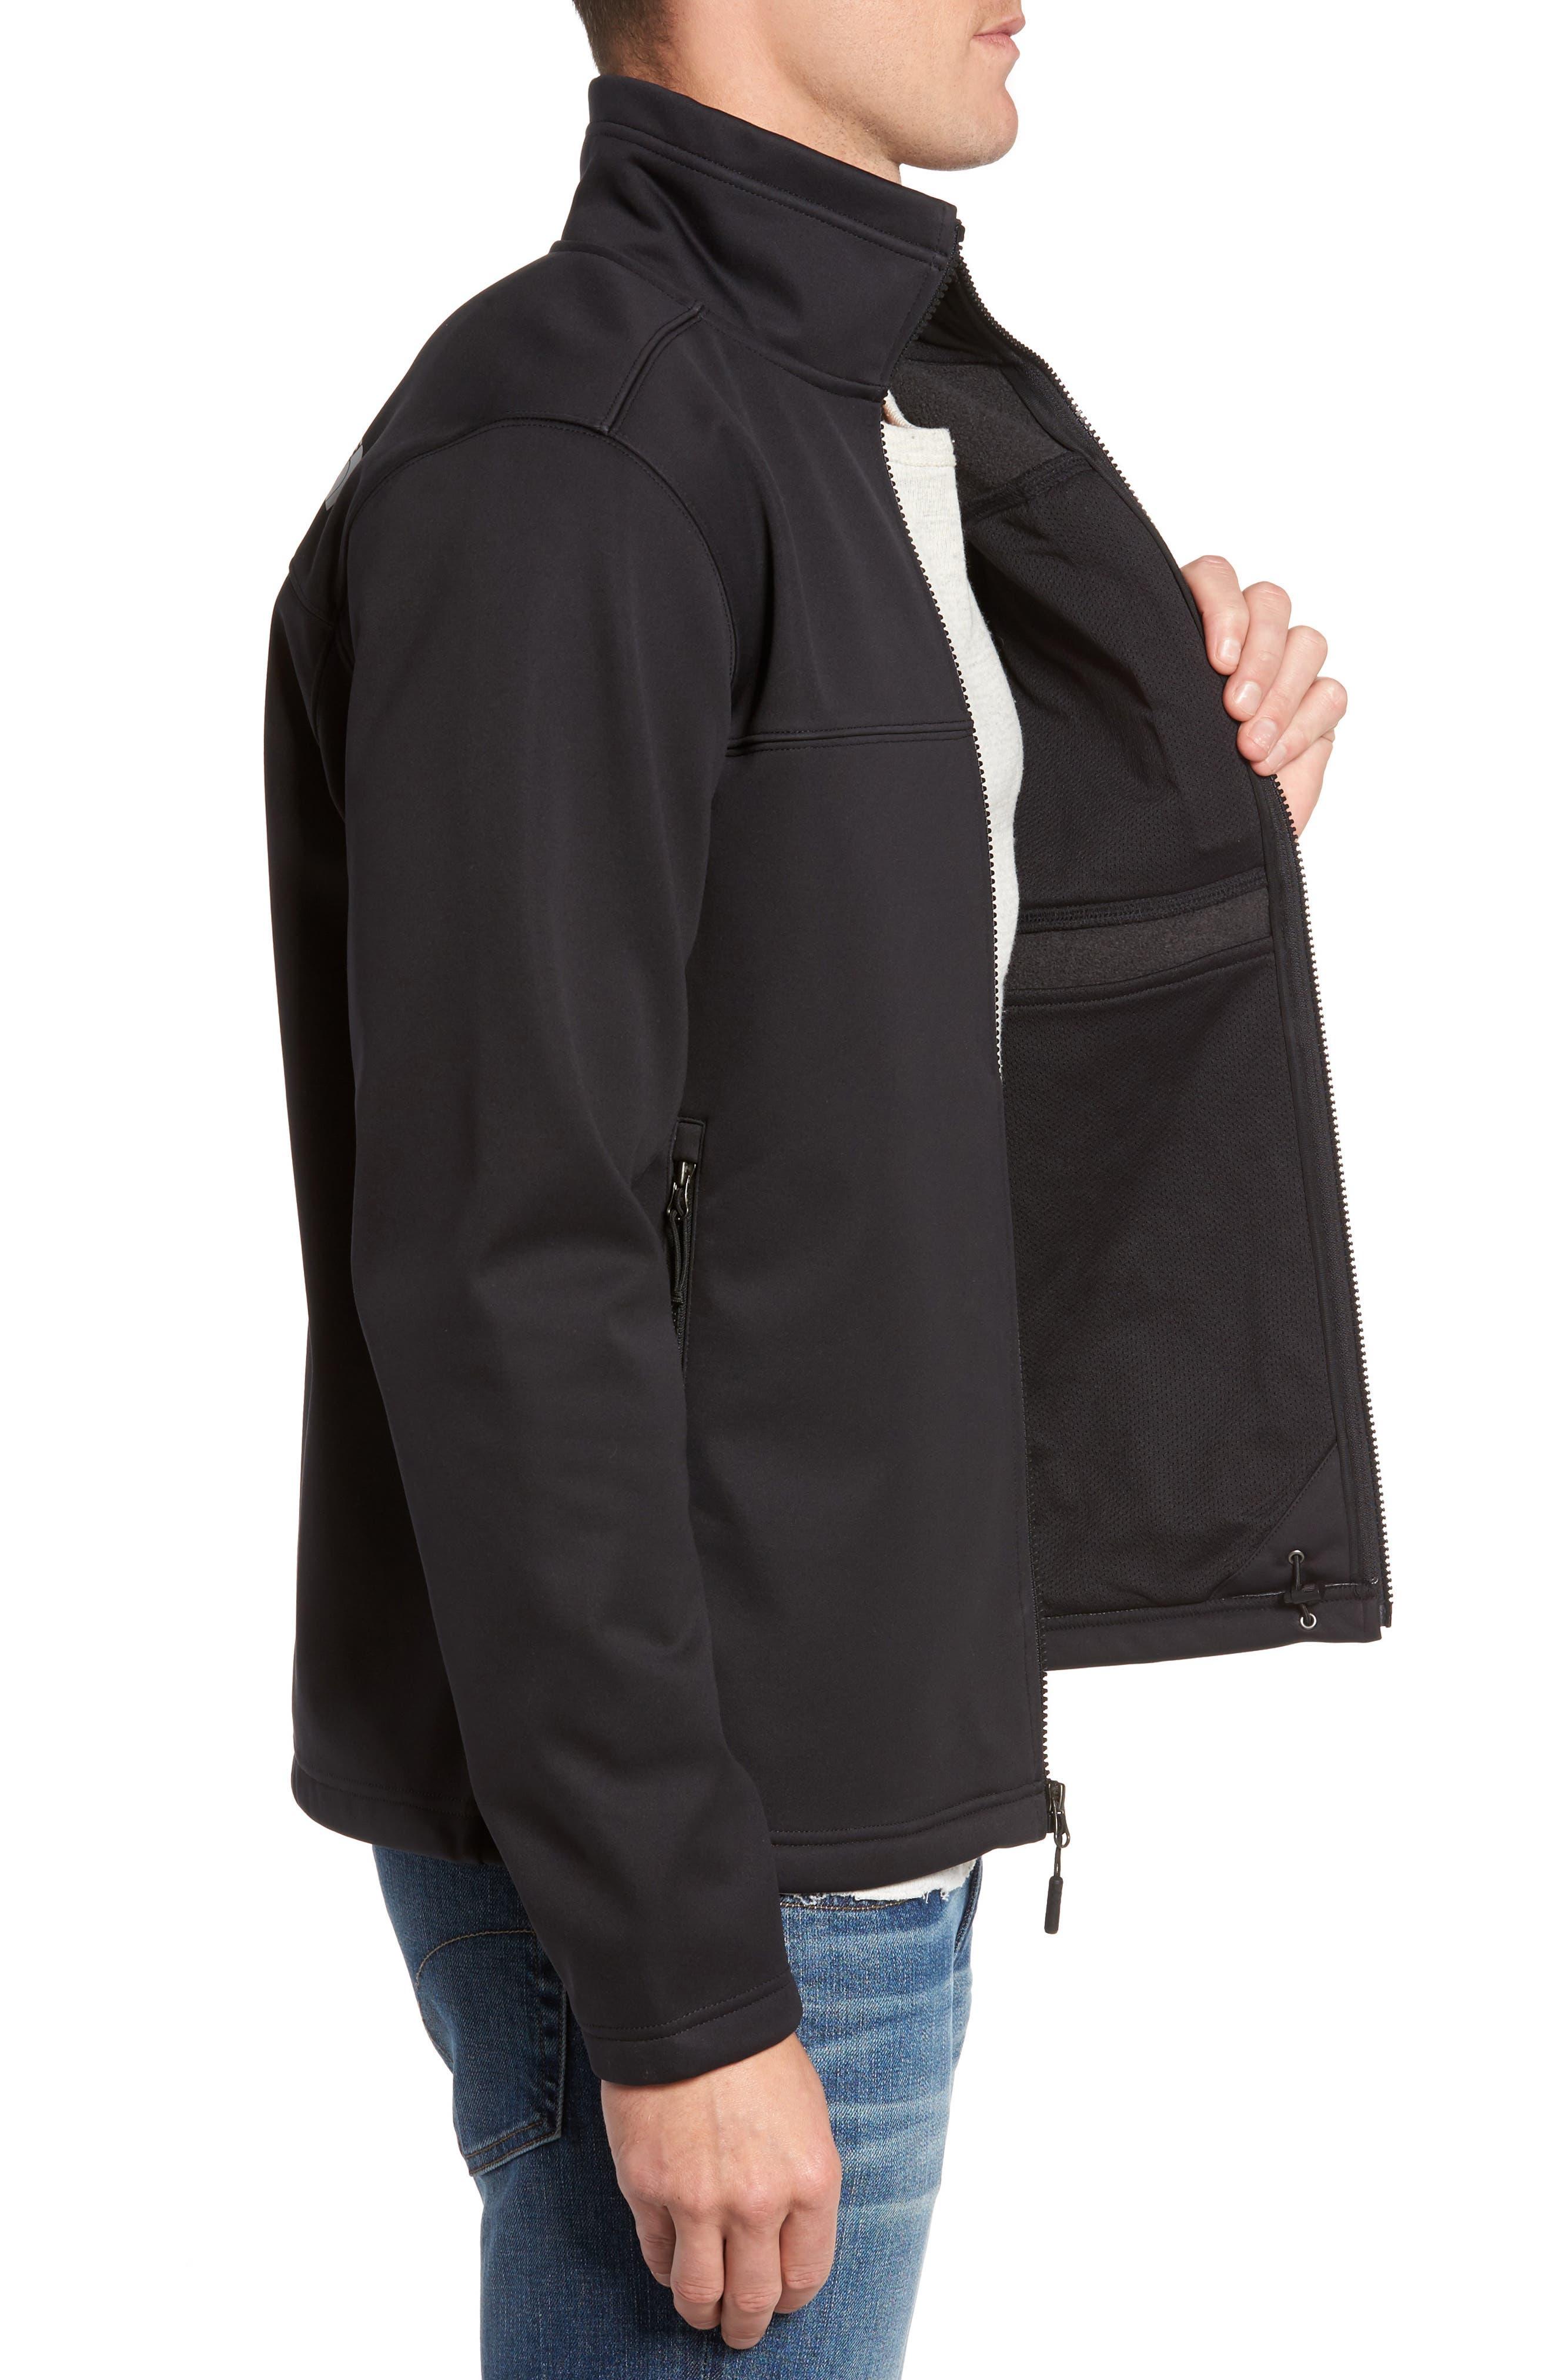 THE NORTH FACE, Apex Risor Jacket, Alternate thumbnail 3, color, BLACK/ BLACK